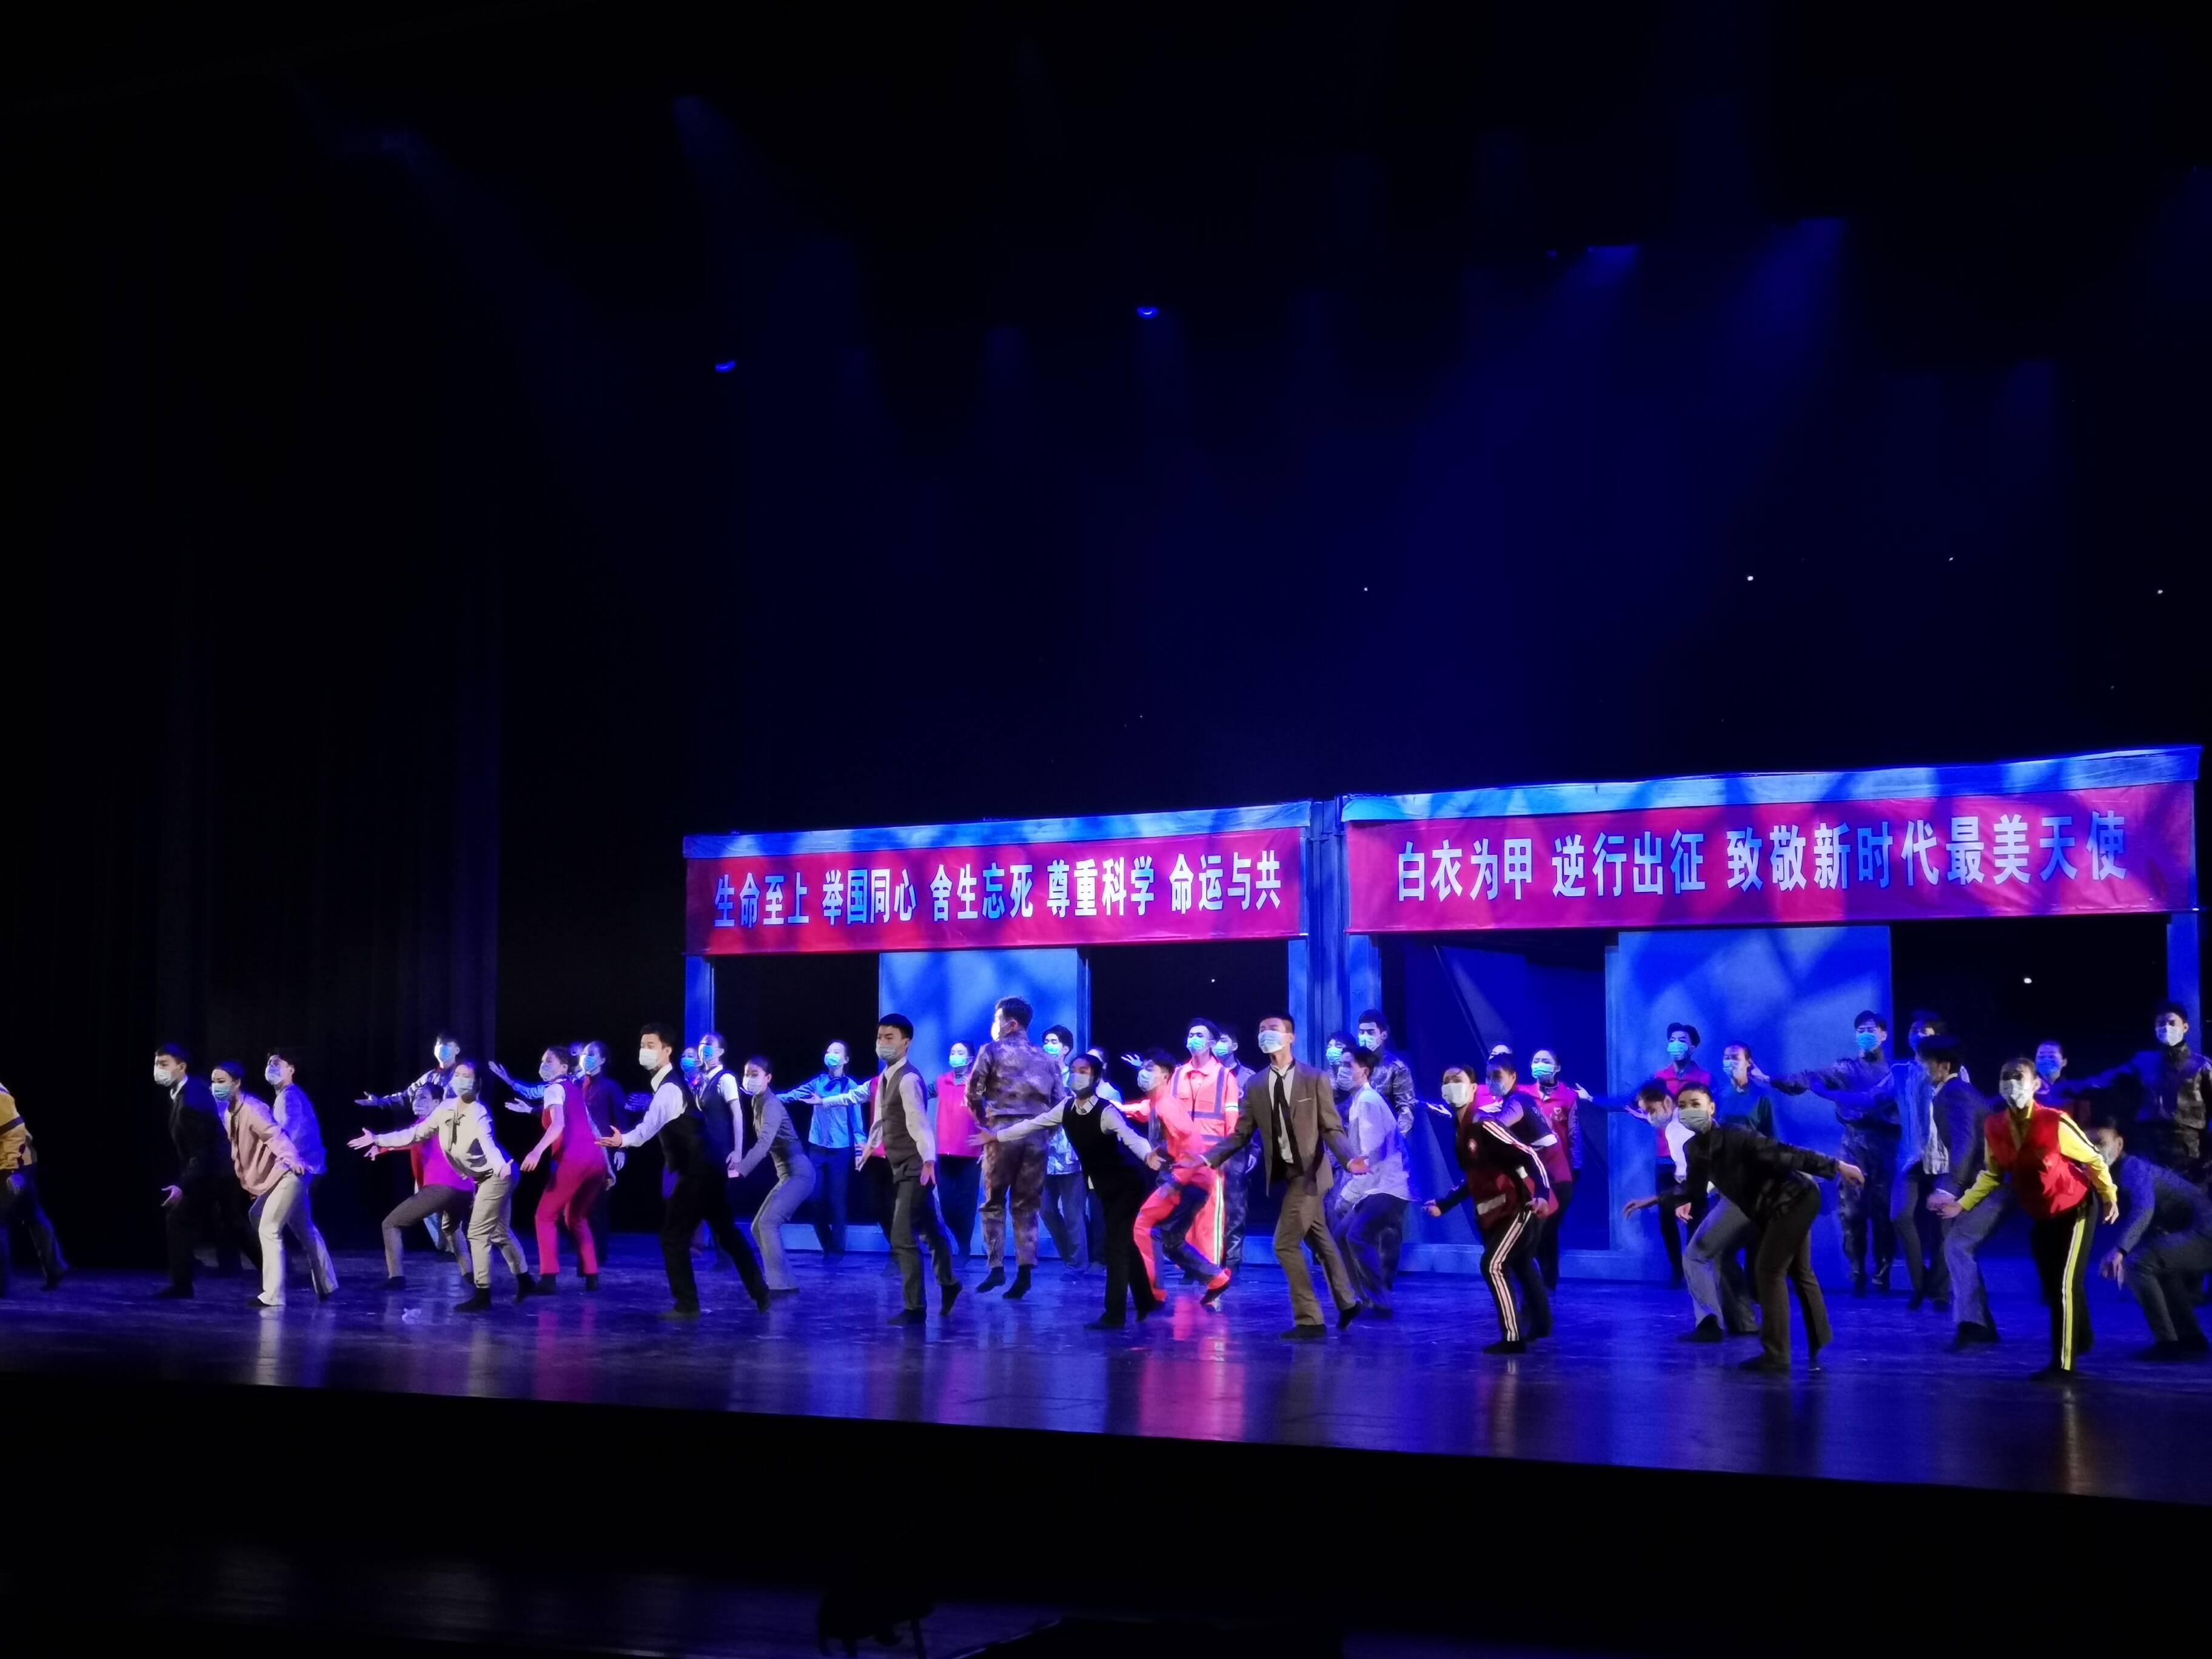 中国首部抗疫题材舞蹈诗《逆行》在山东省会大剧院公演